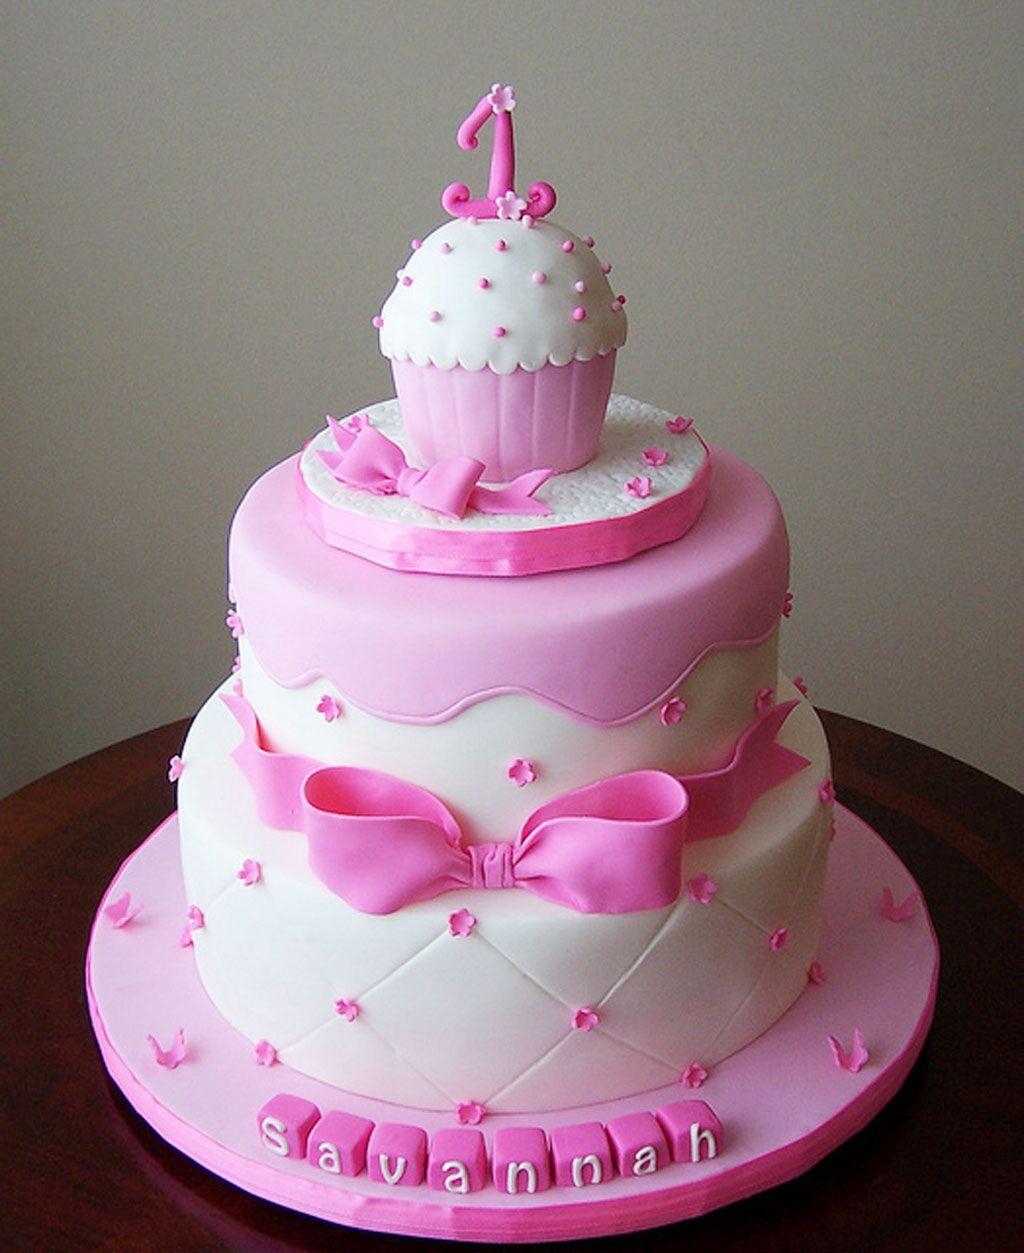 Cake Delivery in Vadodara Delfoo Cakes Designer Cakes